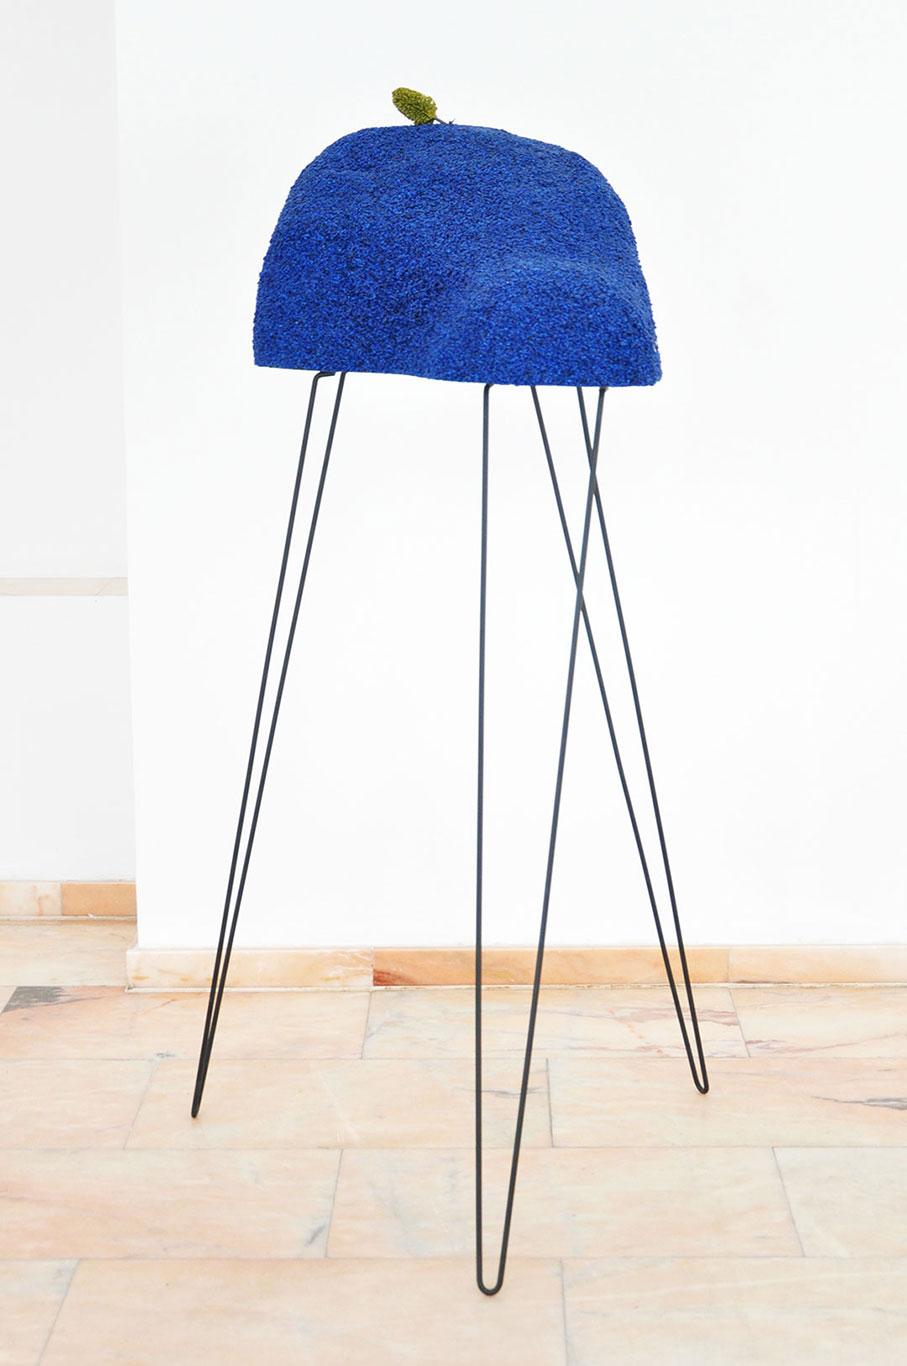 Blue velvet, 2016 – Chloé Piot